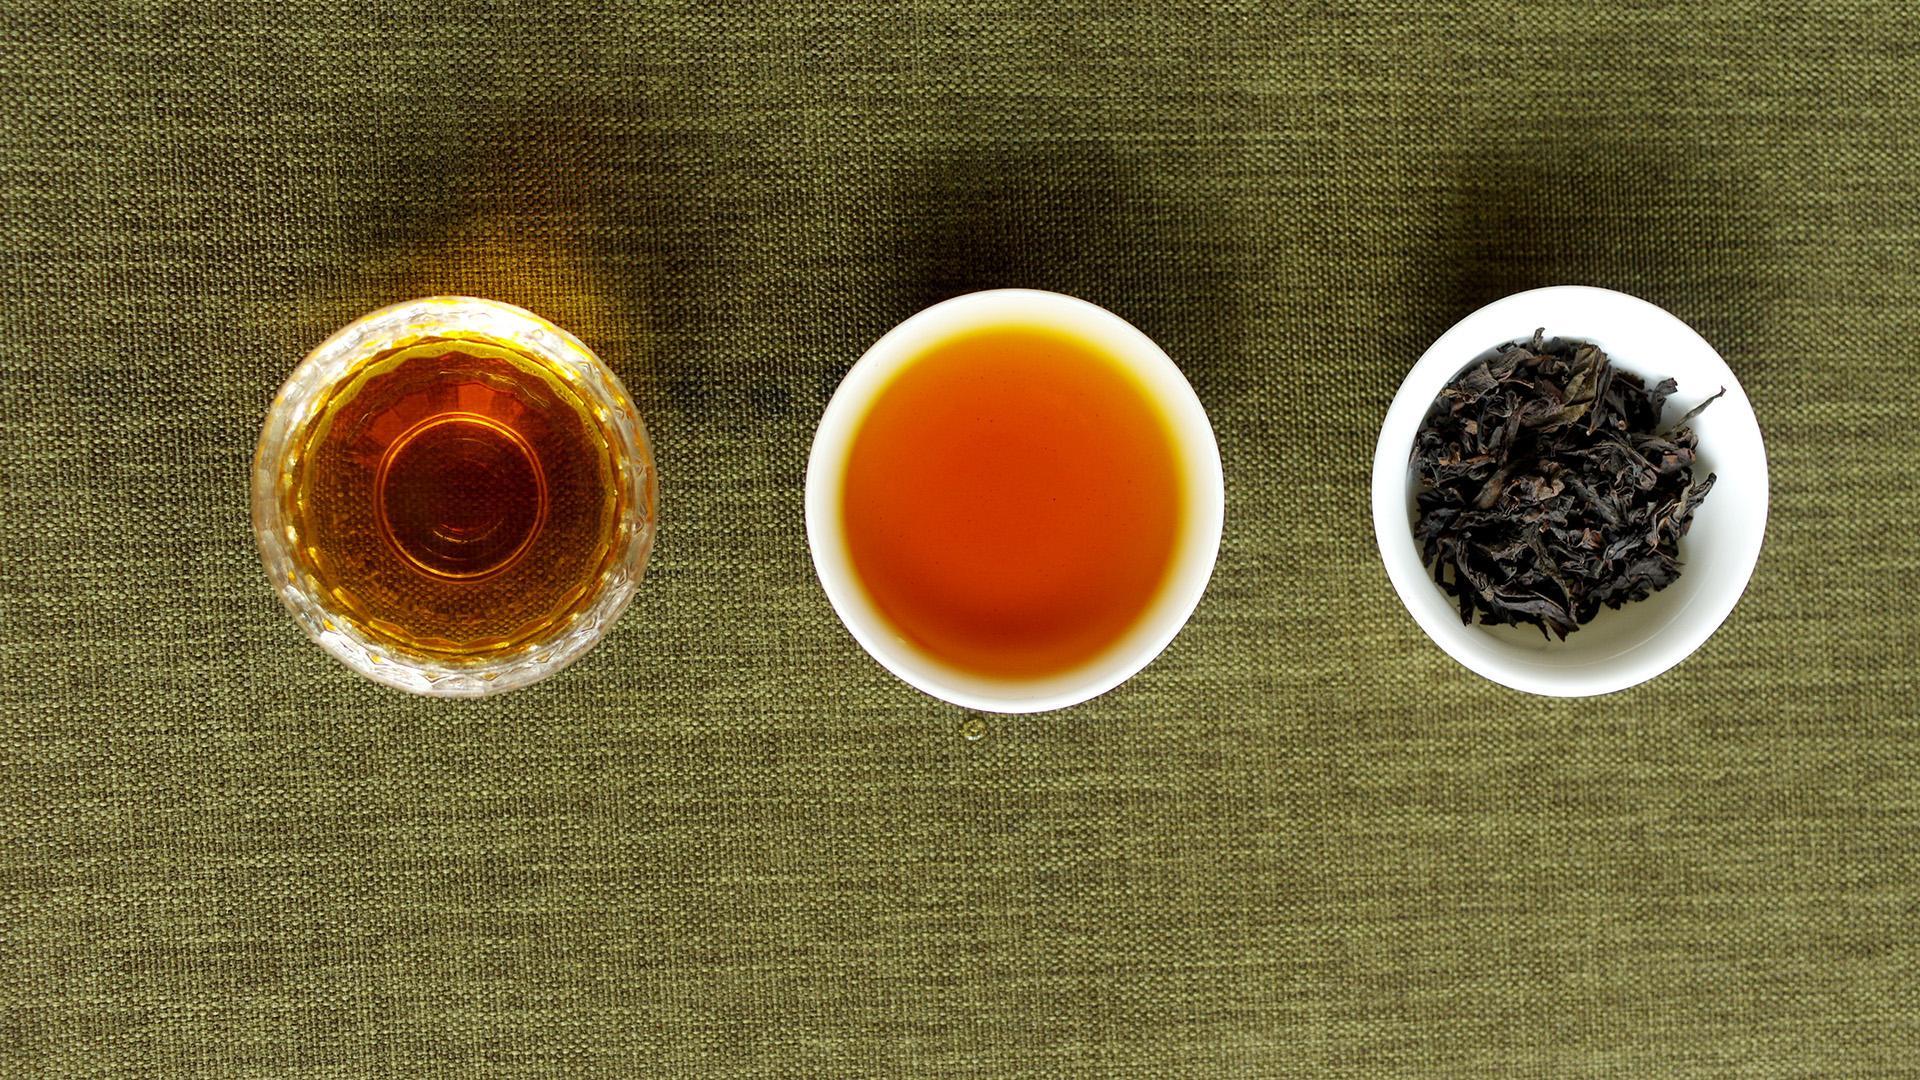 Натуральный китайский чай или растворимый?